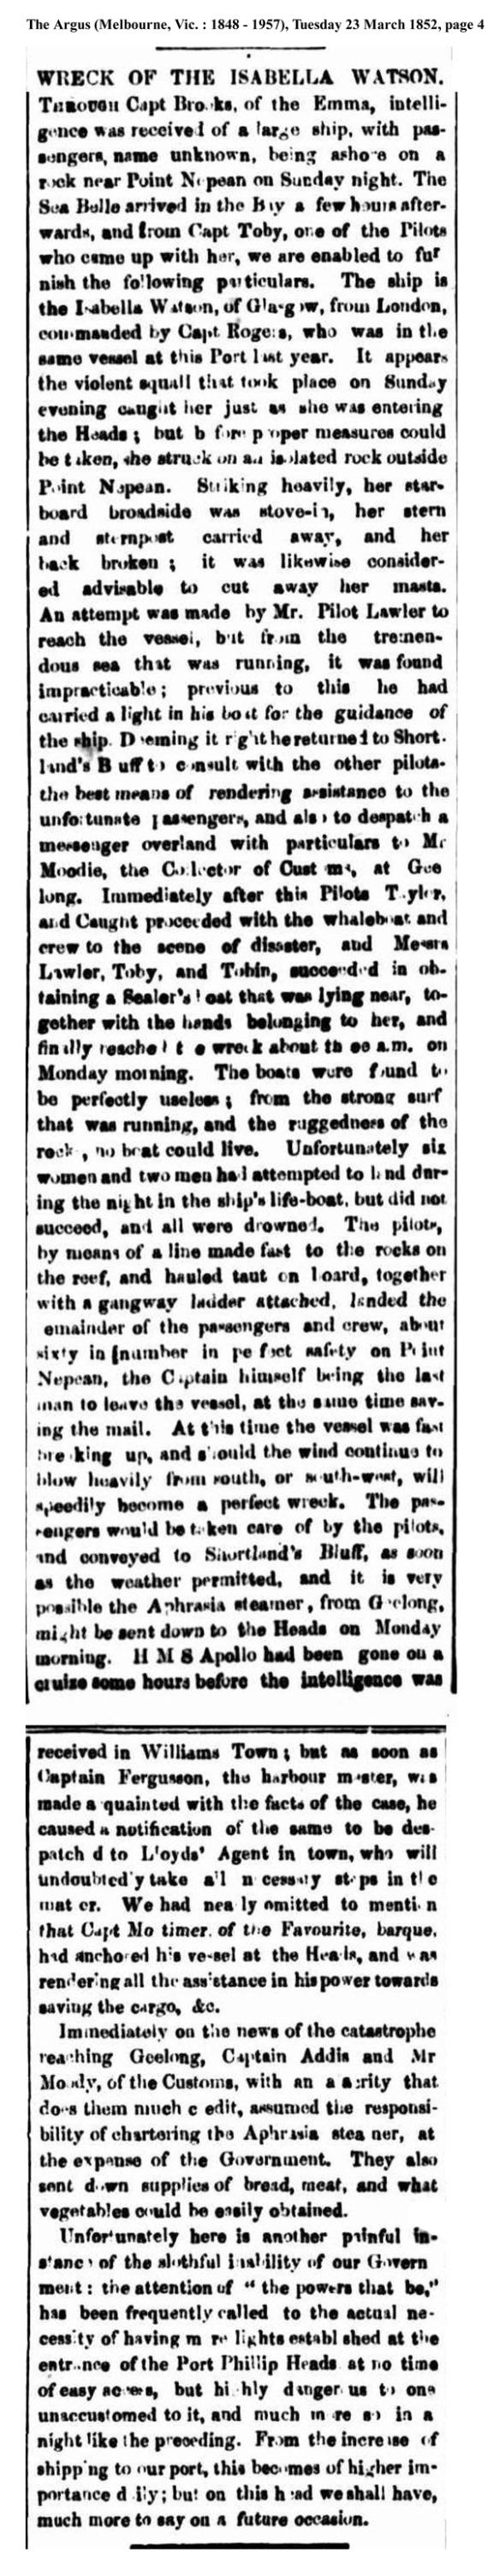 news - Isabella Watson 1852